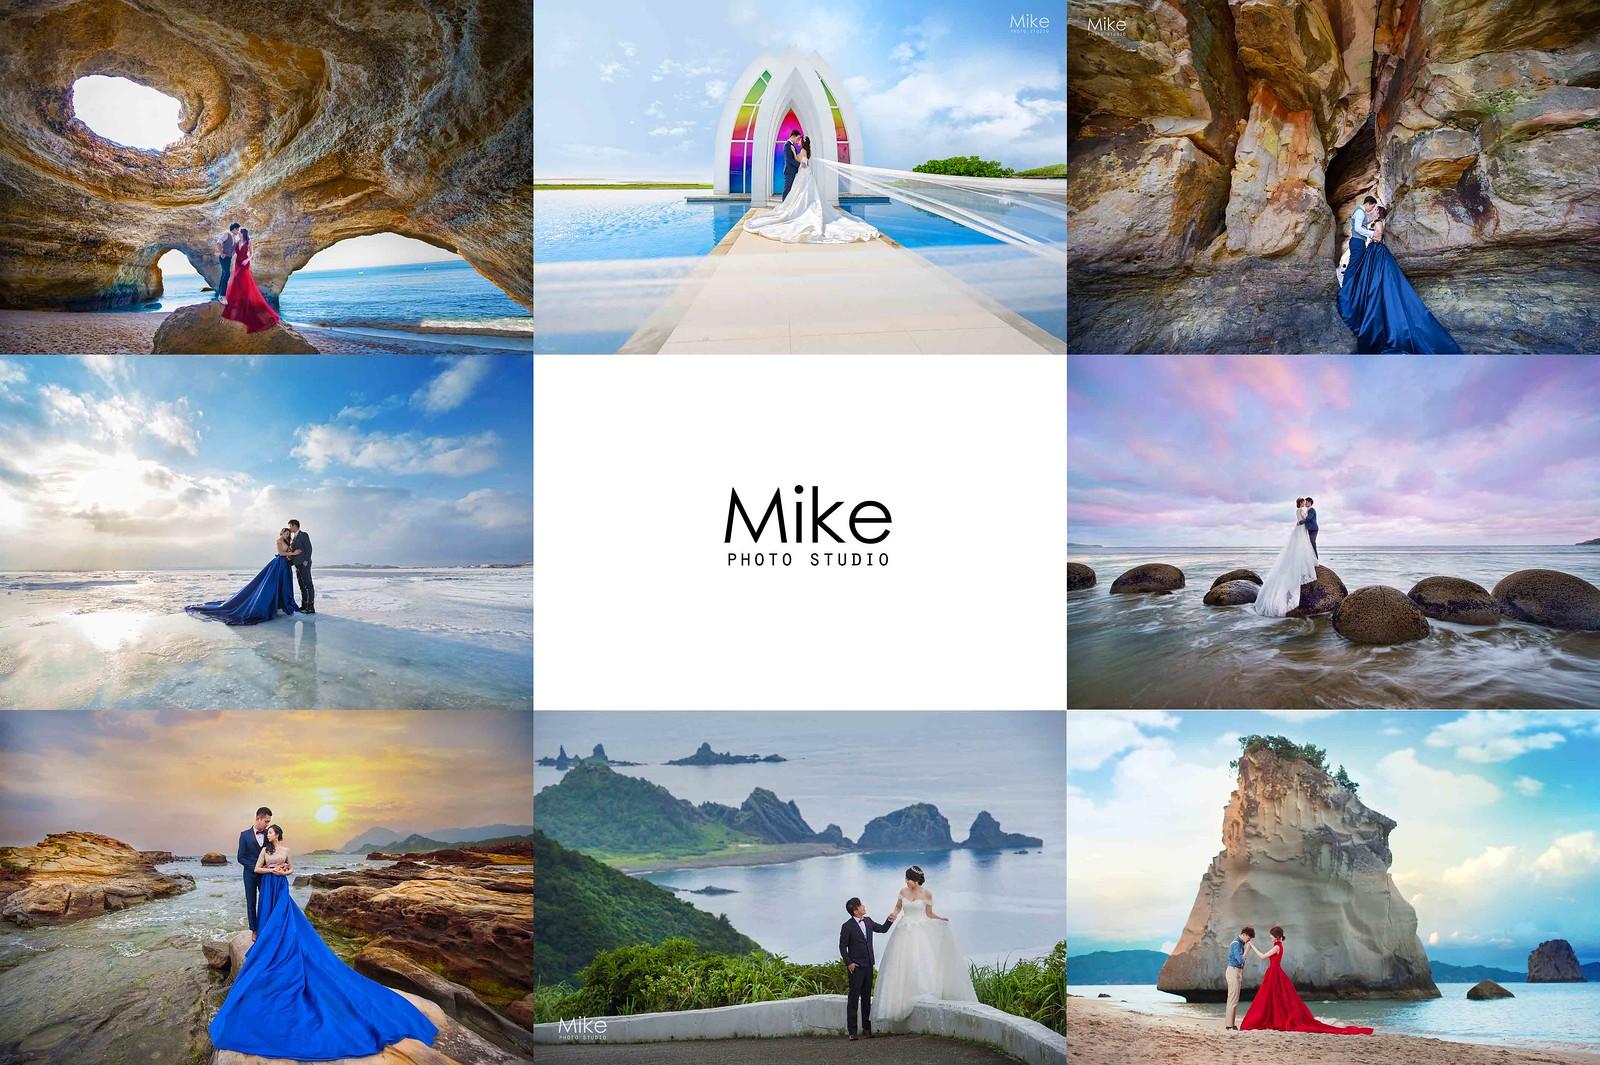 """""""海邊婚紗攝影,海邊婚紗,海景婚紗,婚攝Mike,婚禮攝影,婚攝推薦,婚攝價格,海外婚紗,海外婚禮,風格攝影師,新秘Juin,wedding"""""""